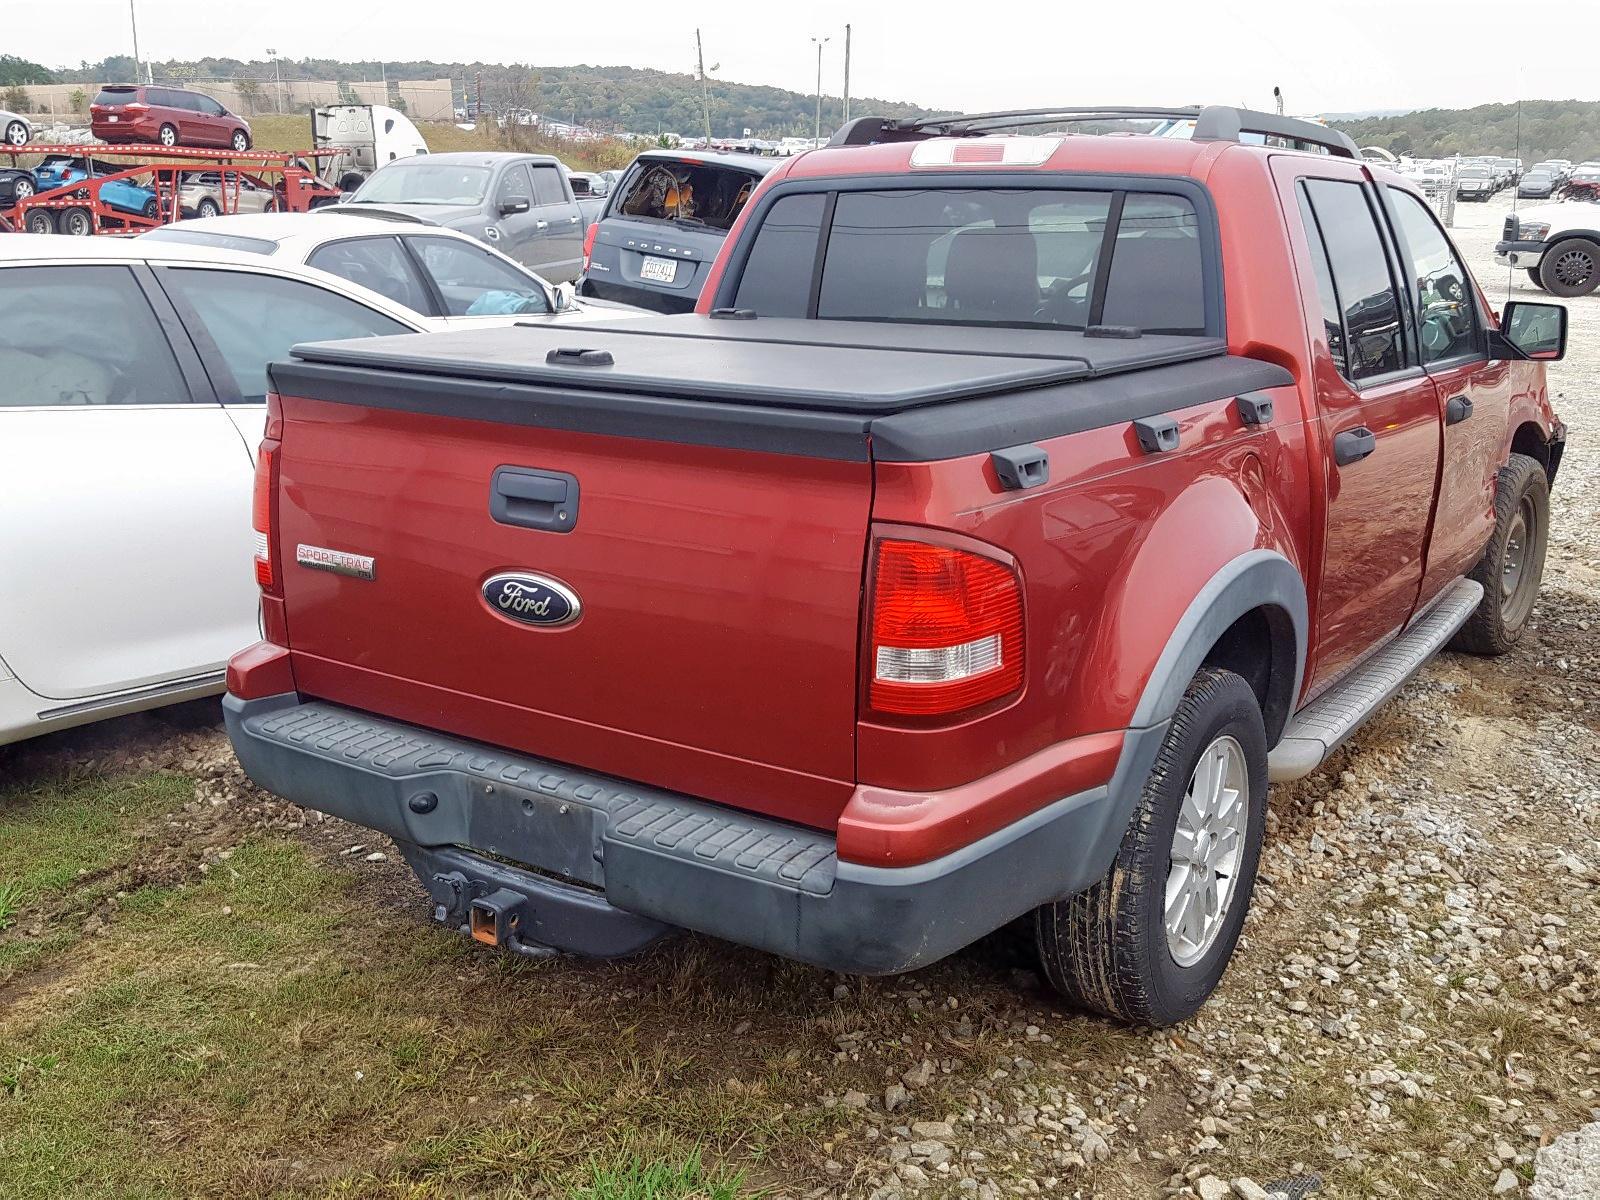 1FMEU31818UA30611 - 2008 Ford Explorer S 4.6L rear view